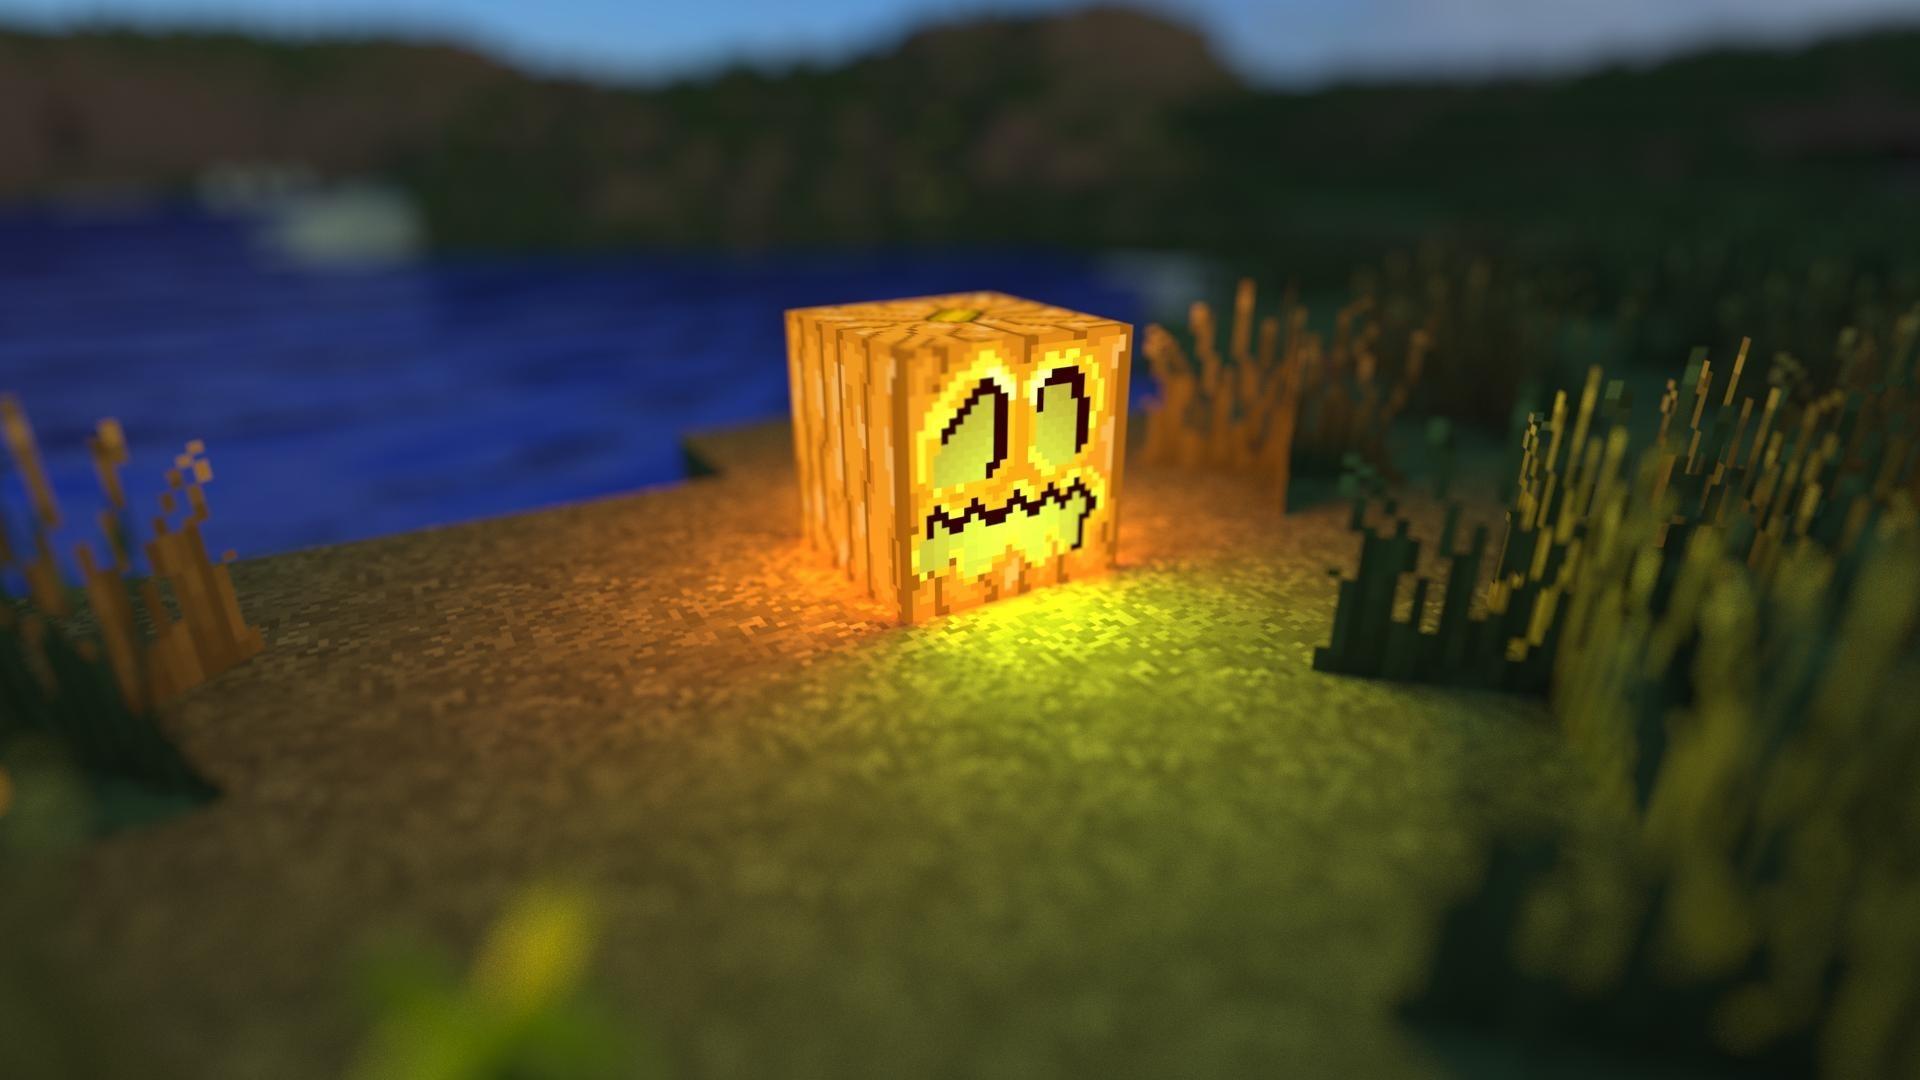 Minecraft Minimalist desktop wallpaper hd